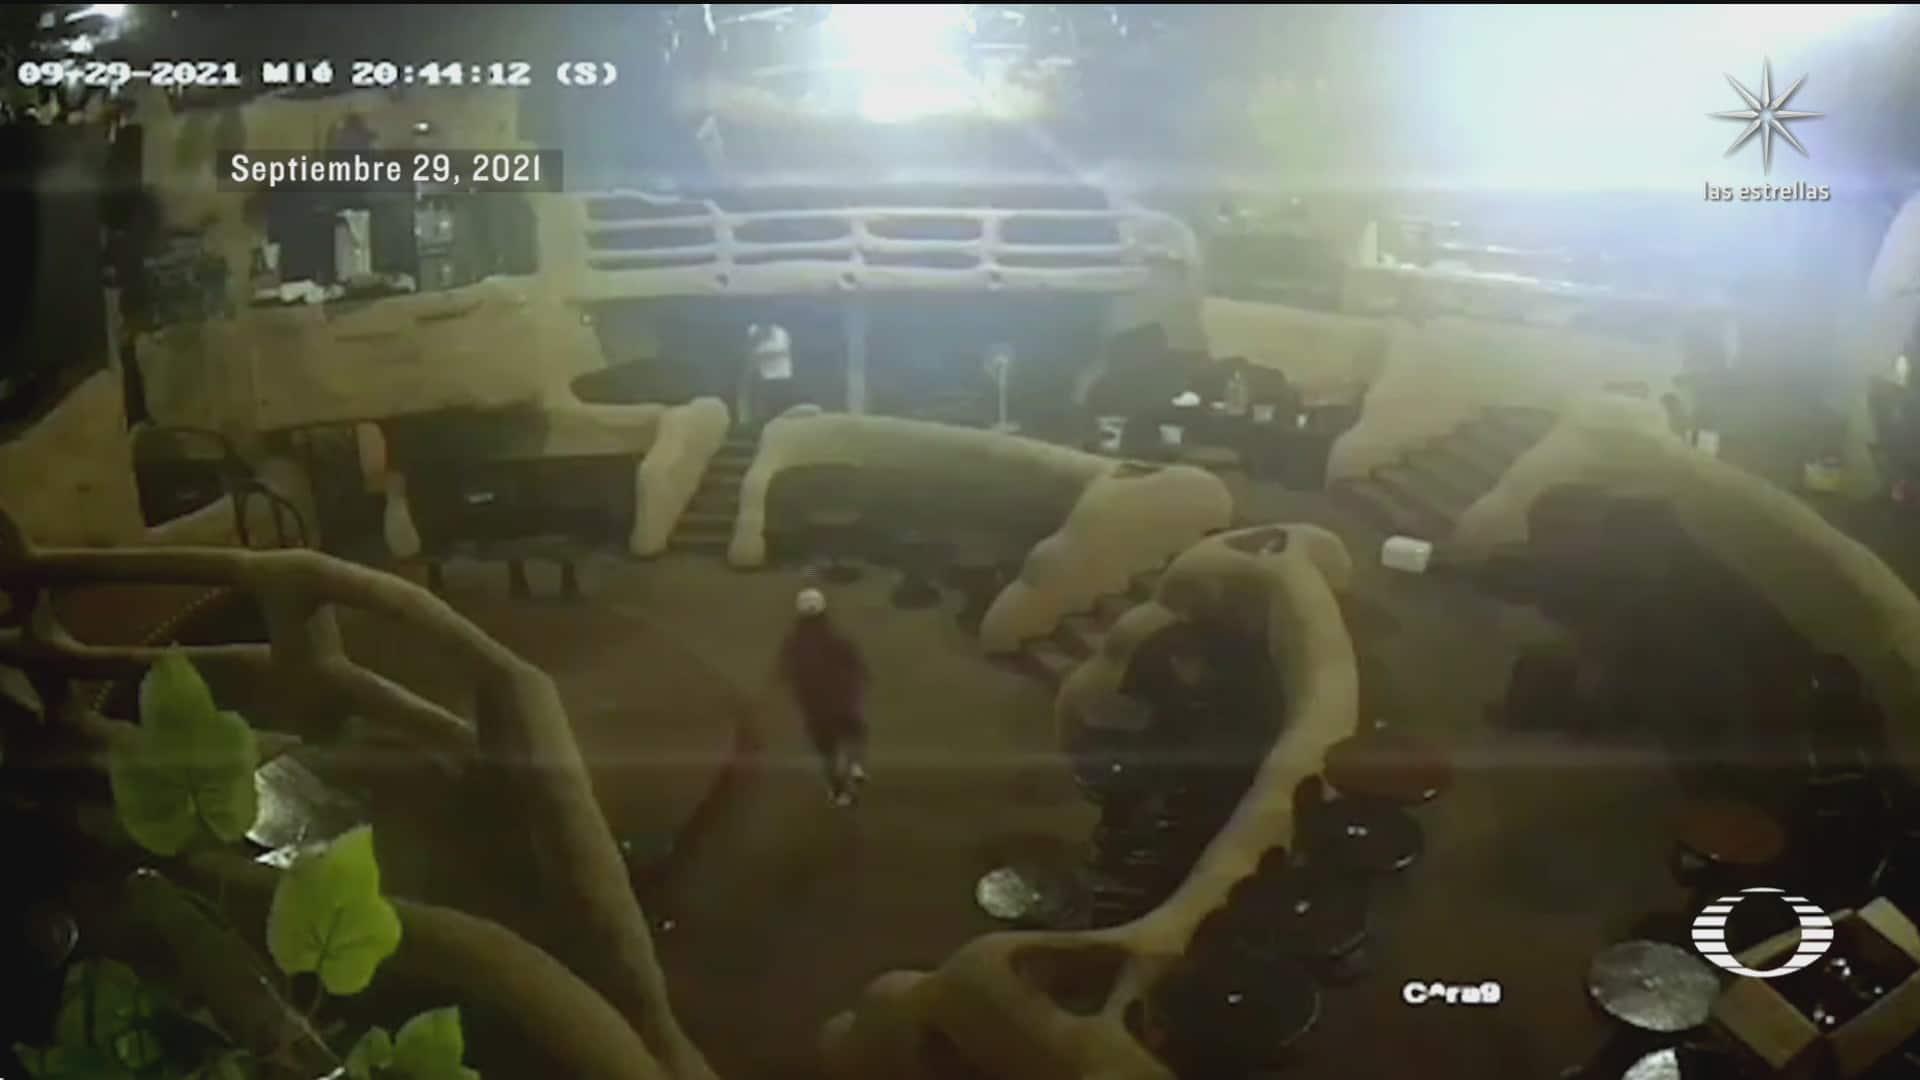 incendio en el babyo fue provocado